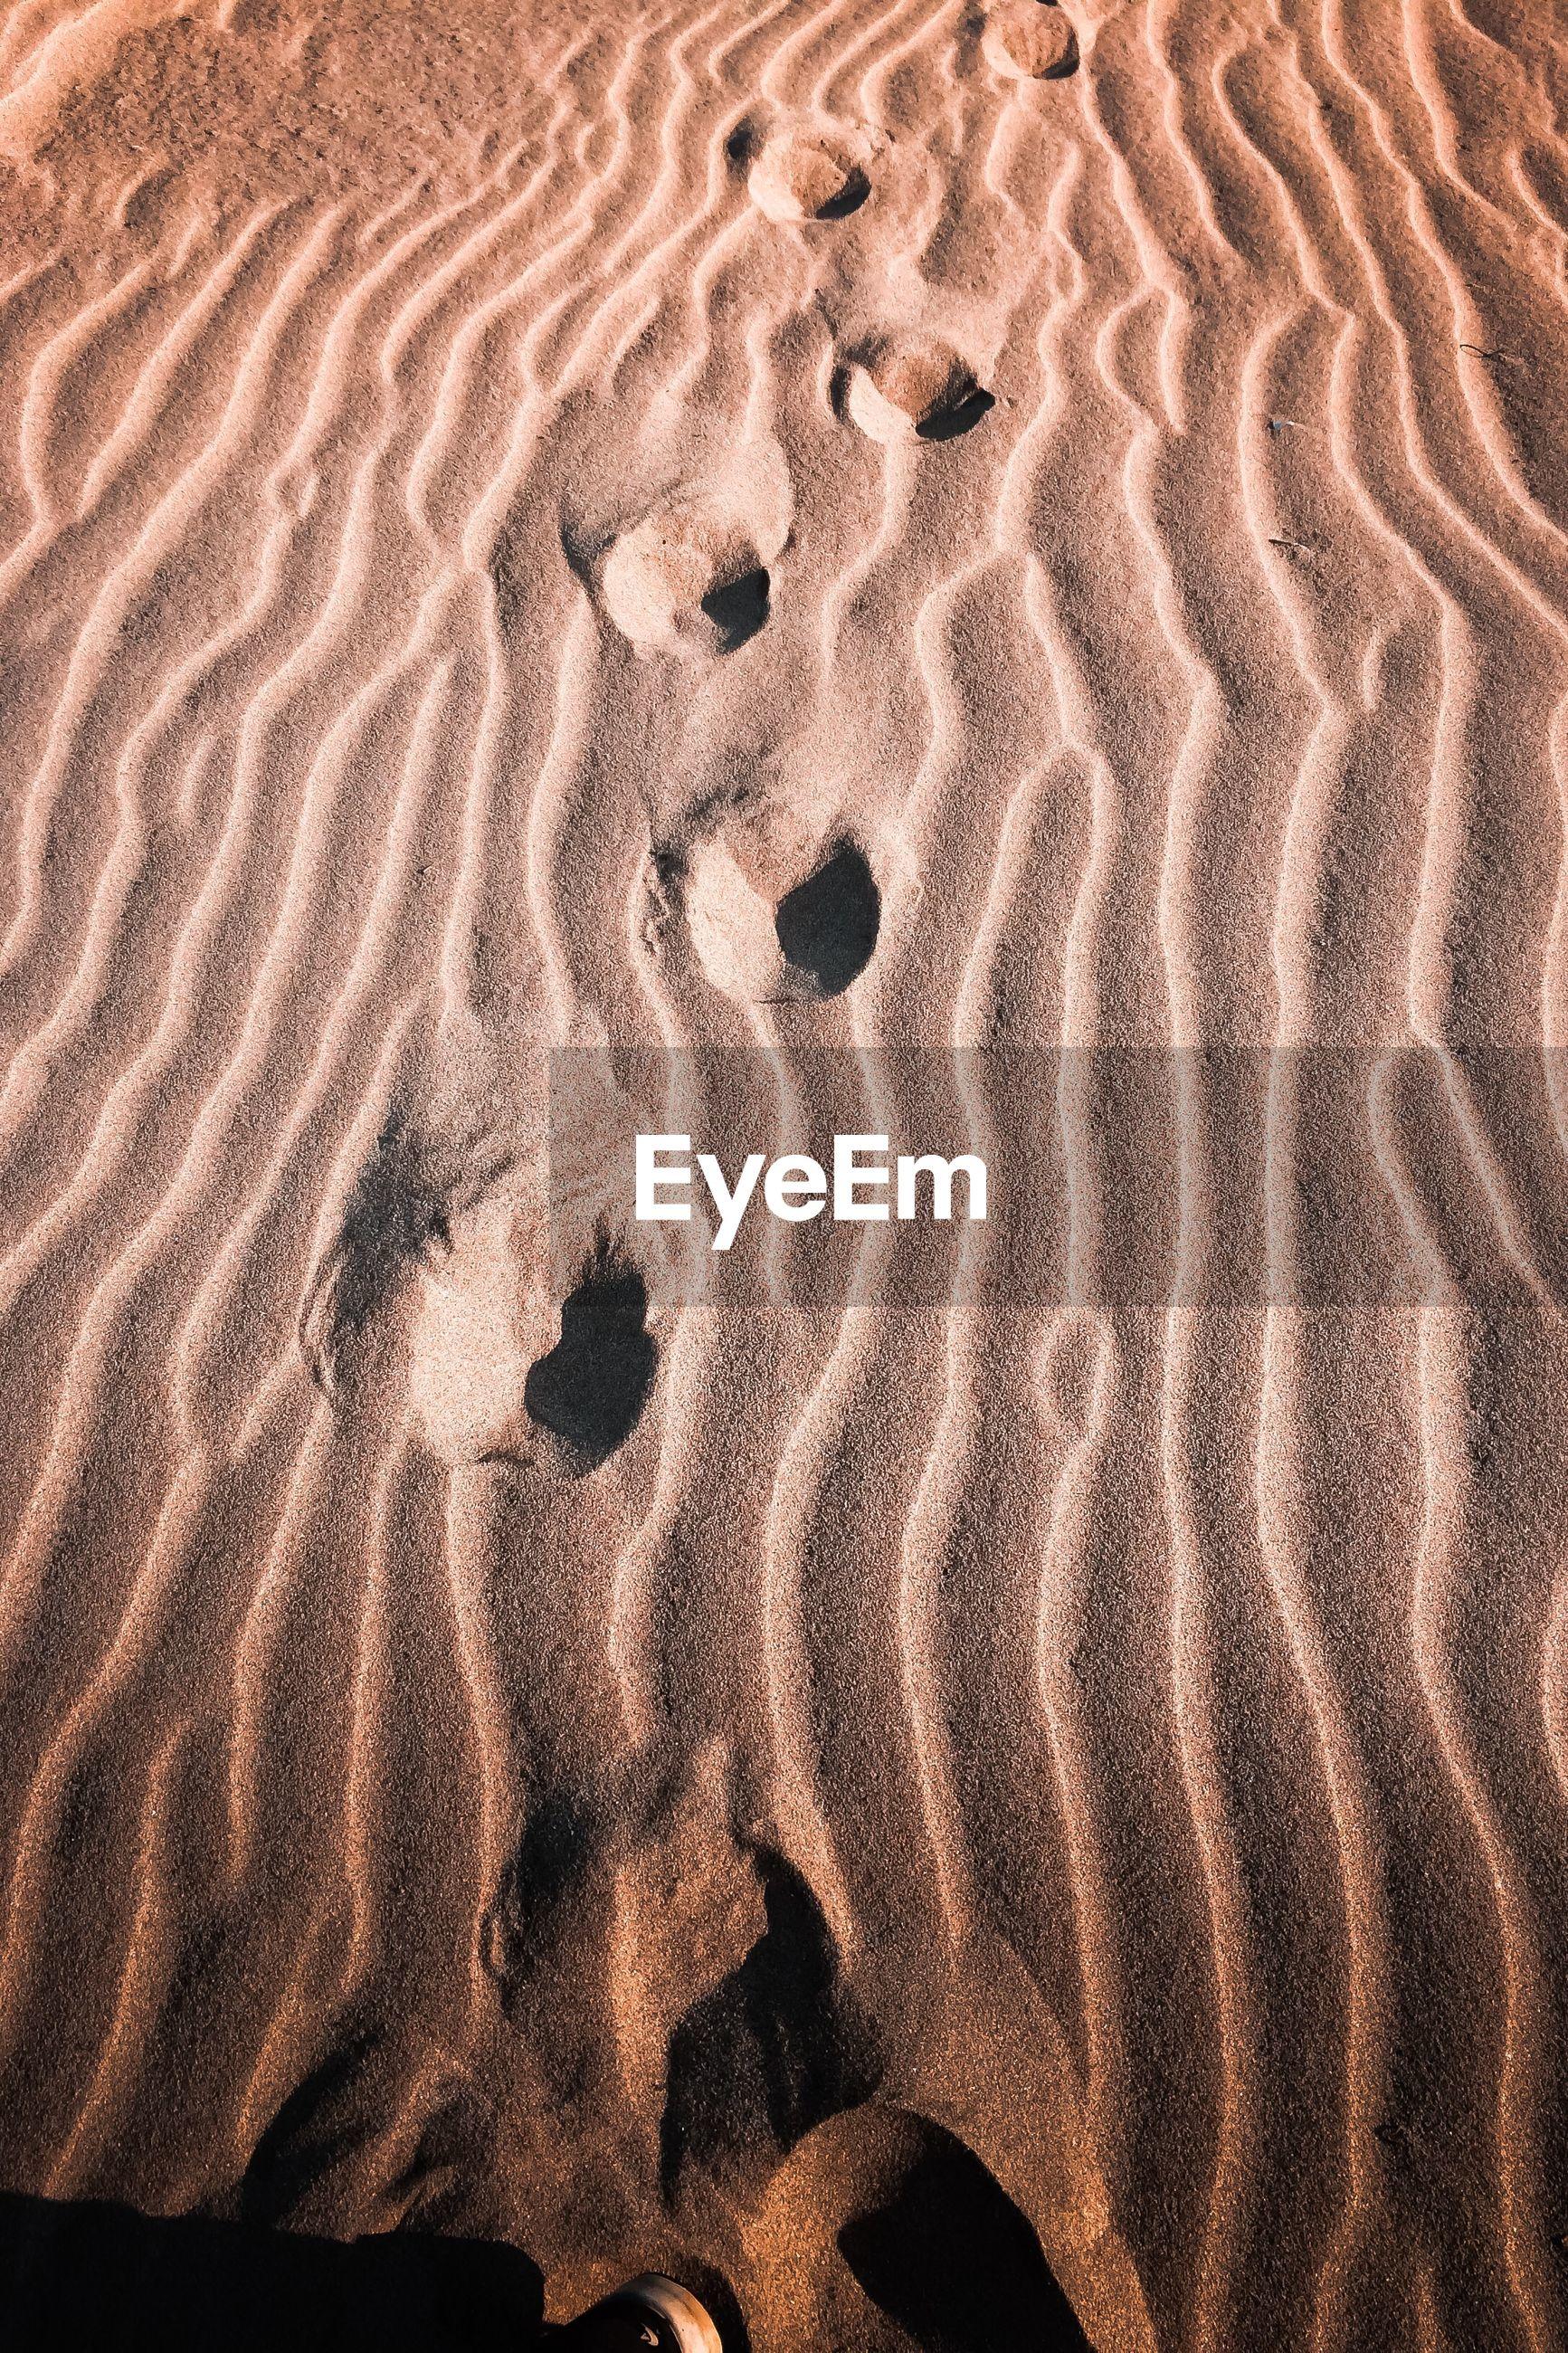 Full frame shot of sand dunes